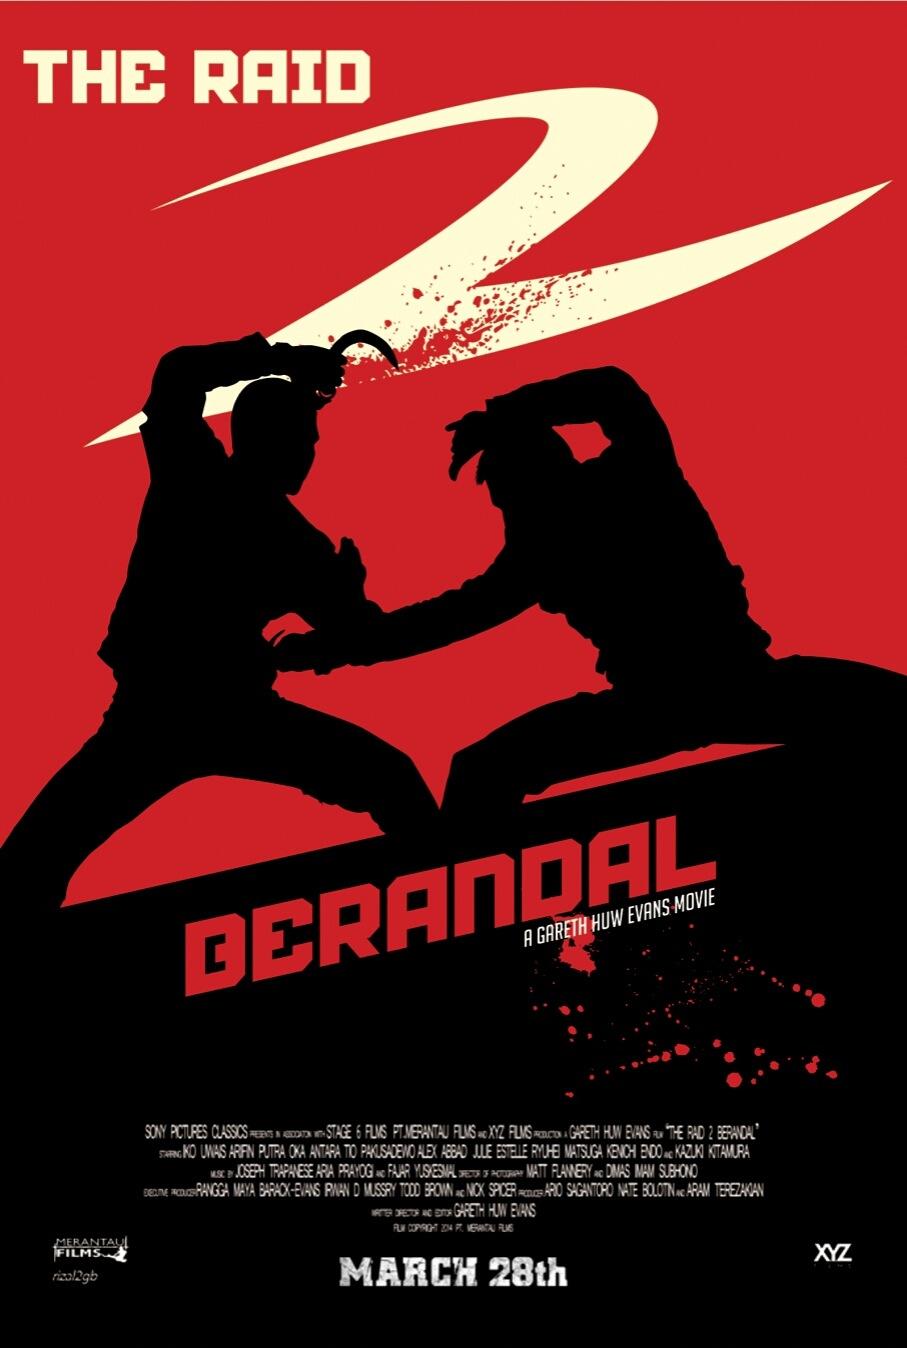 Berandal